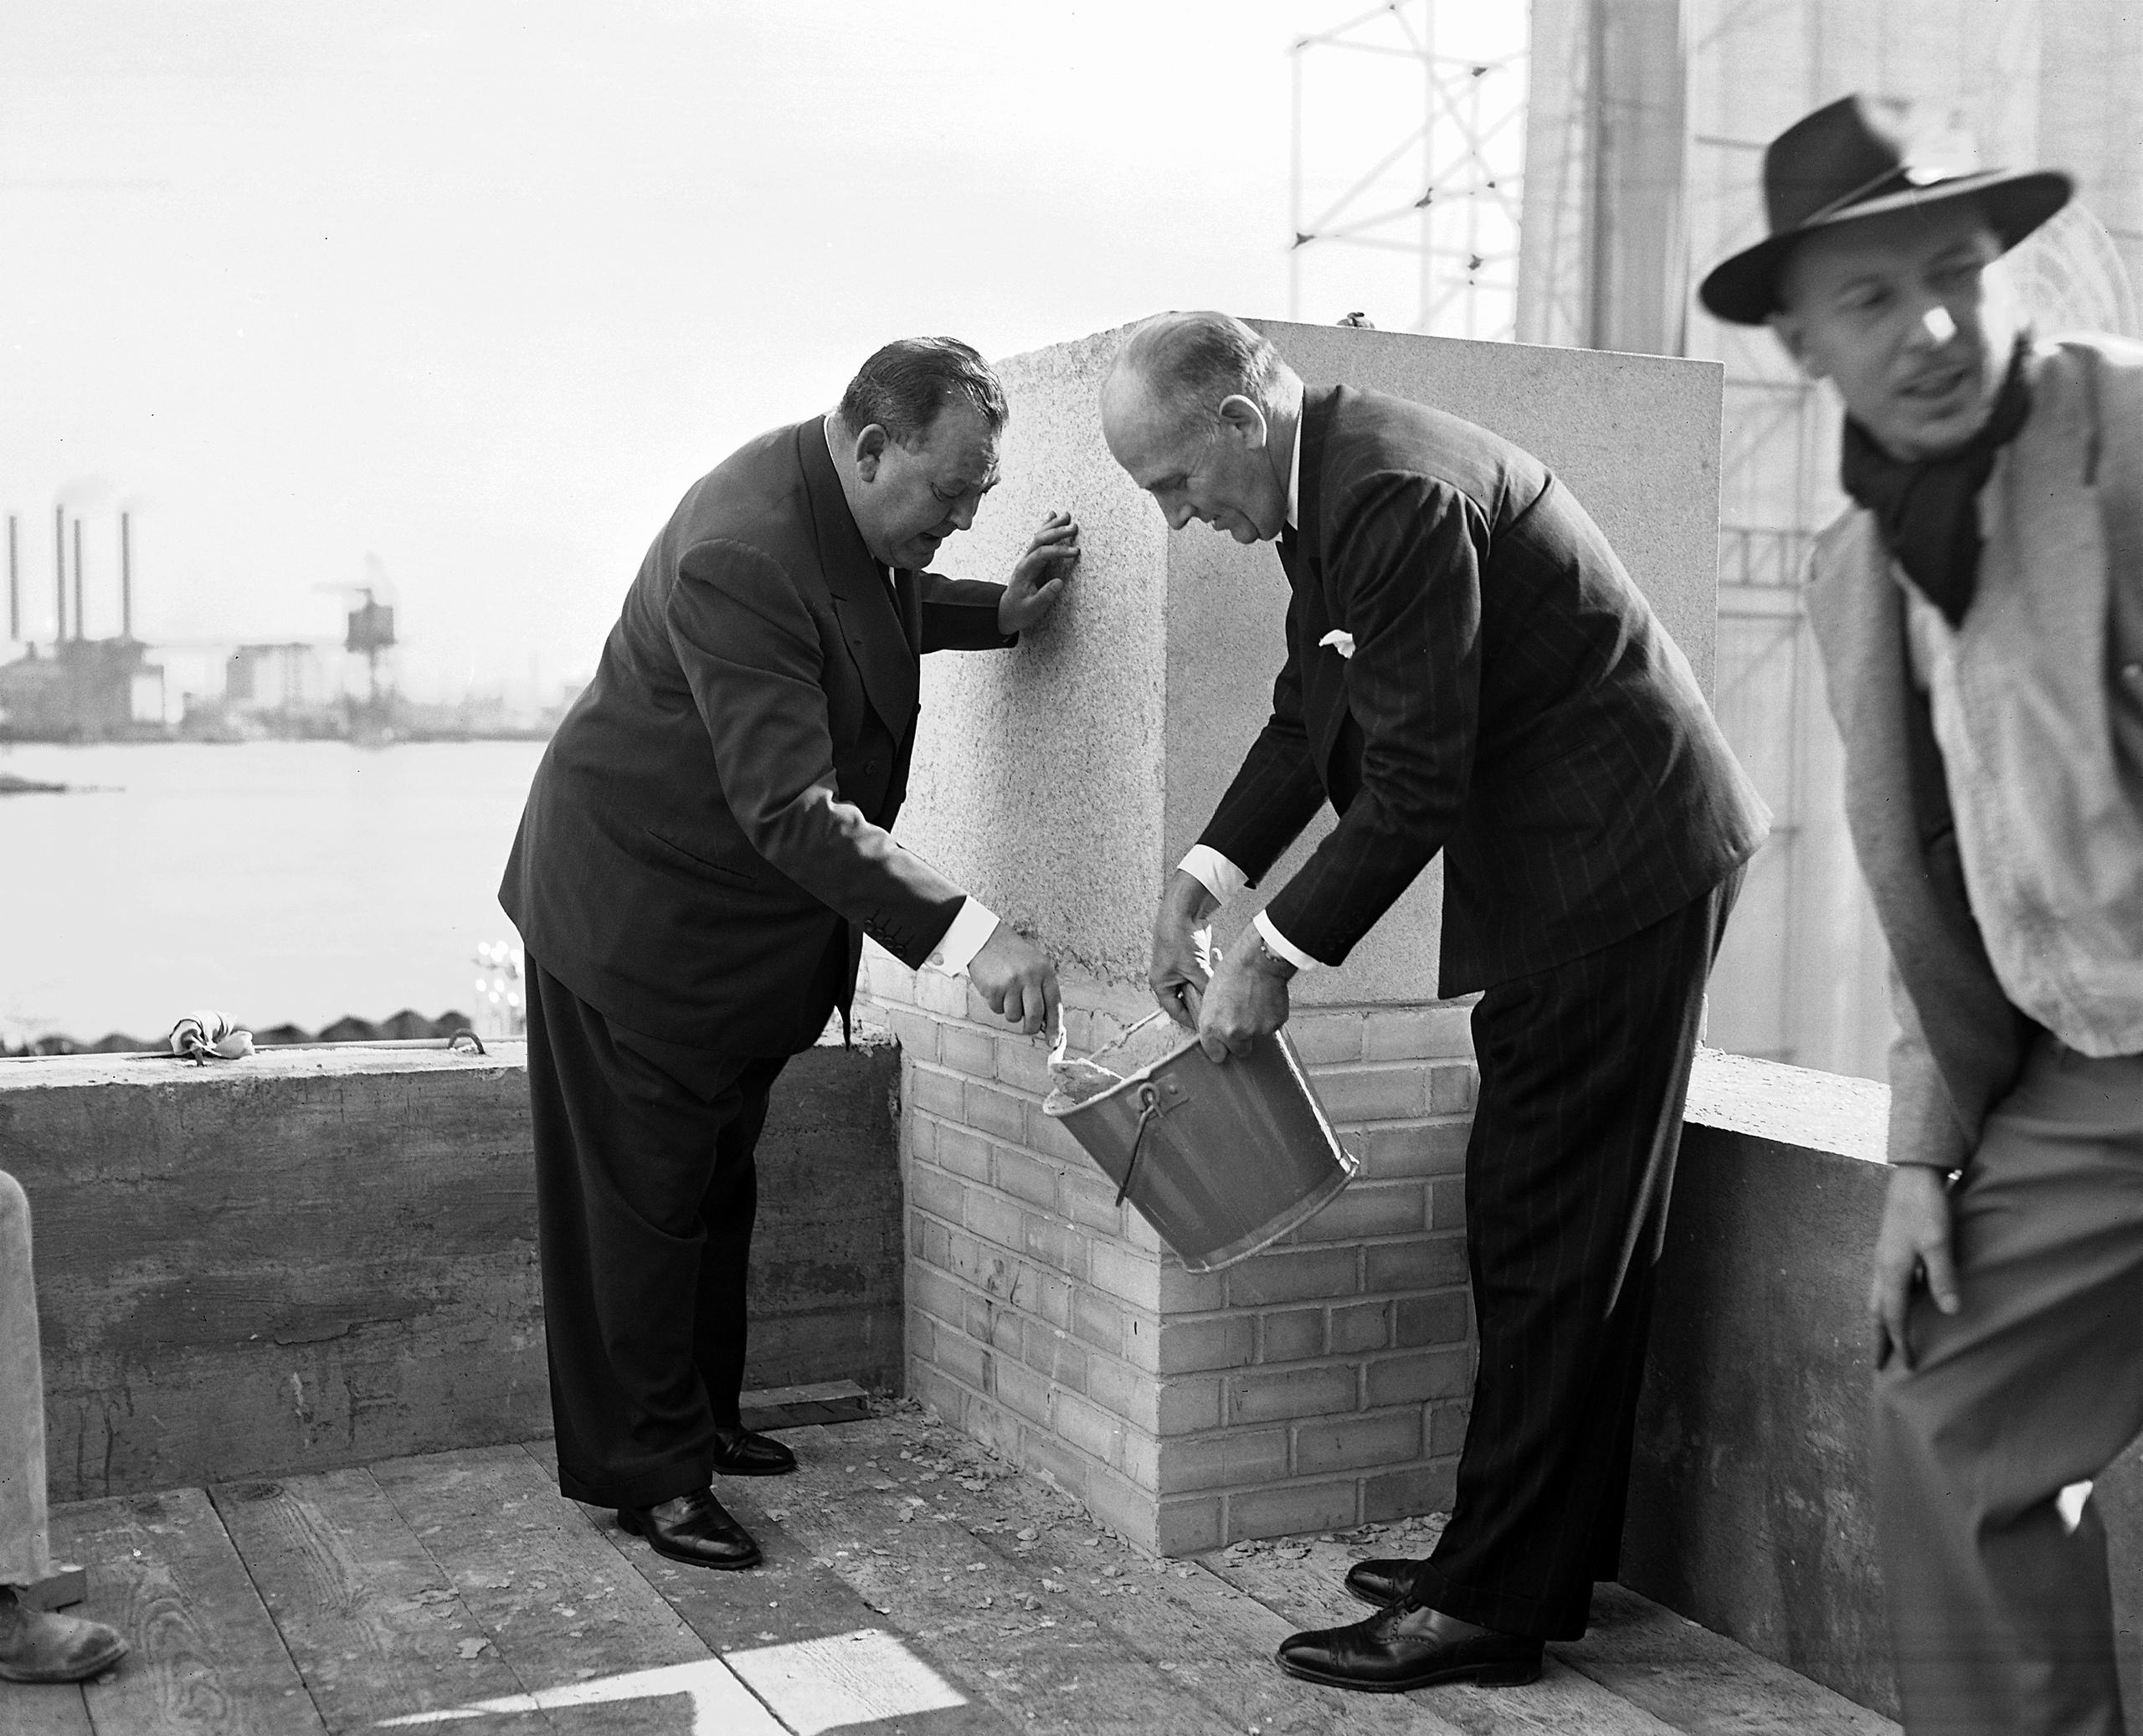 24 октября 1949 года, в четвертую годовщину Организации Объединенных Наций состоялась официальная церемония закладки первого